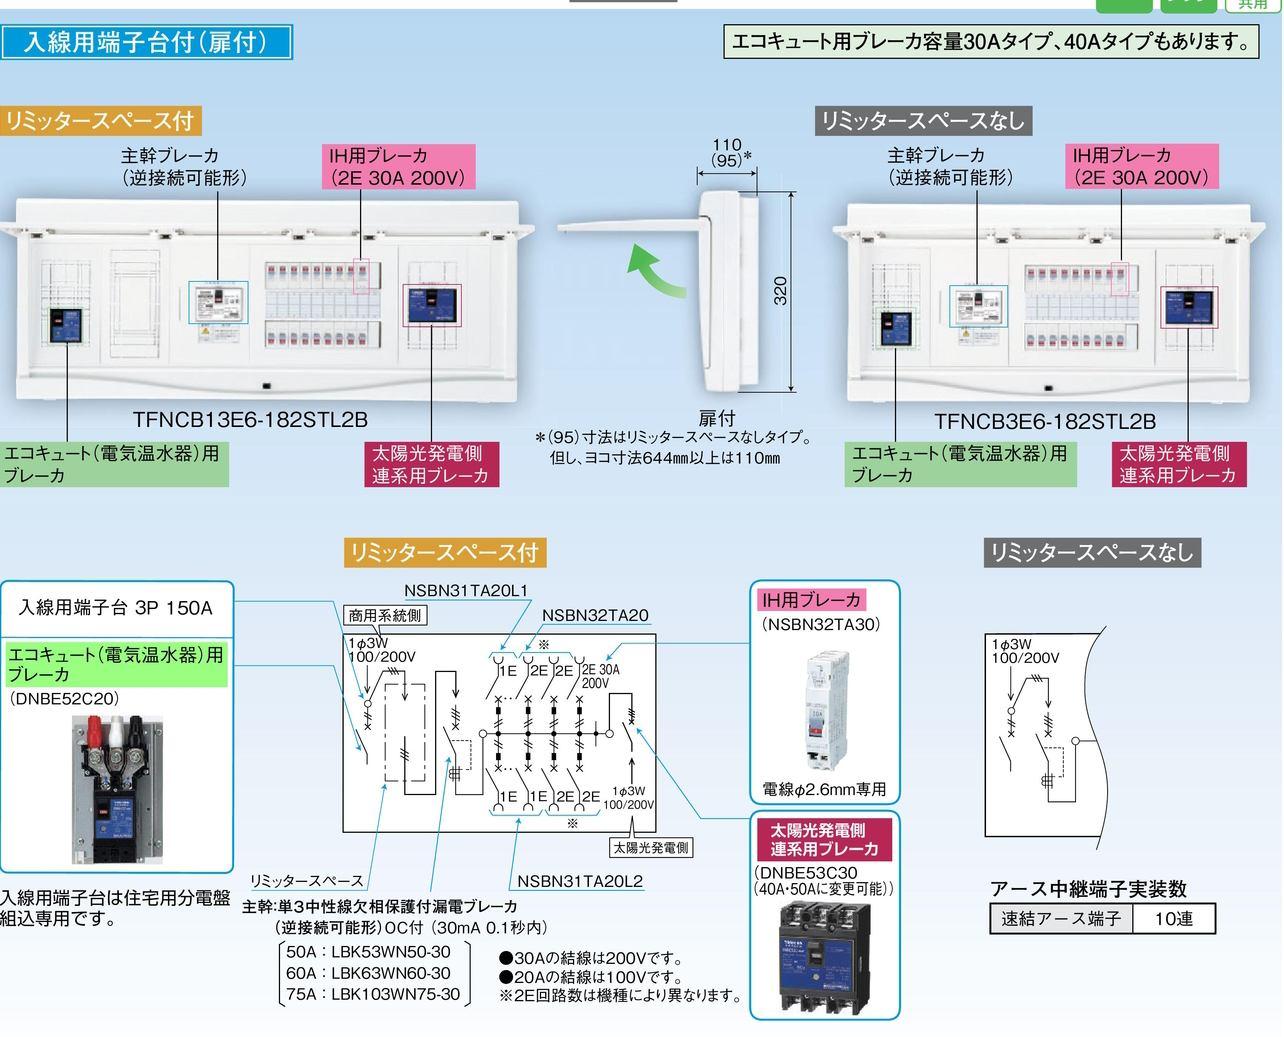 【東芝】小形住宅用分電盤N 扉付・機能付 全電化 50A TFNCB13E5-222STL2B